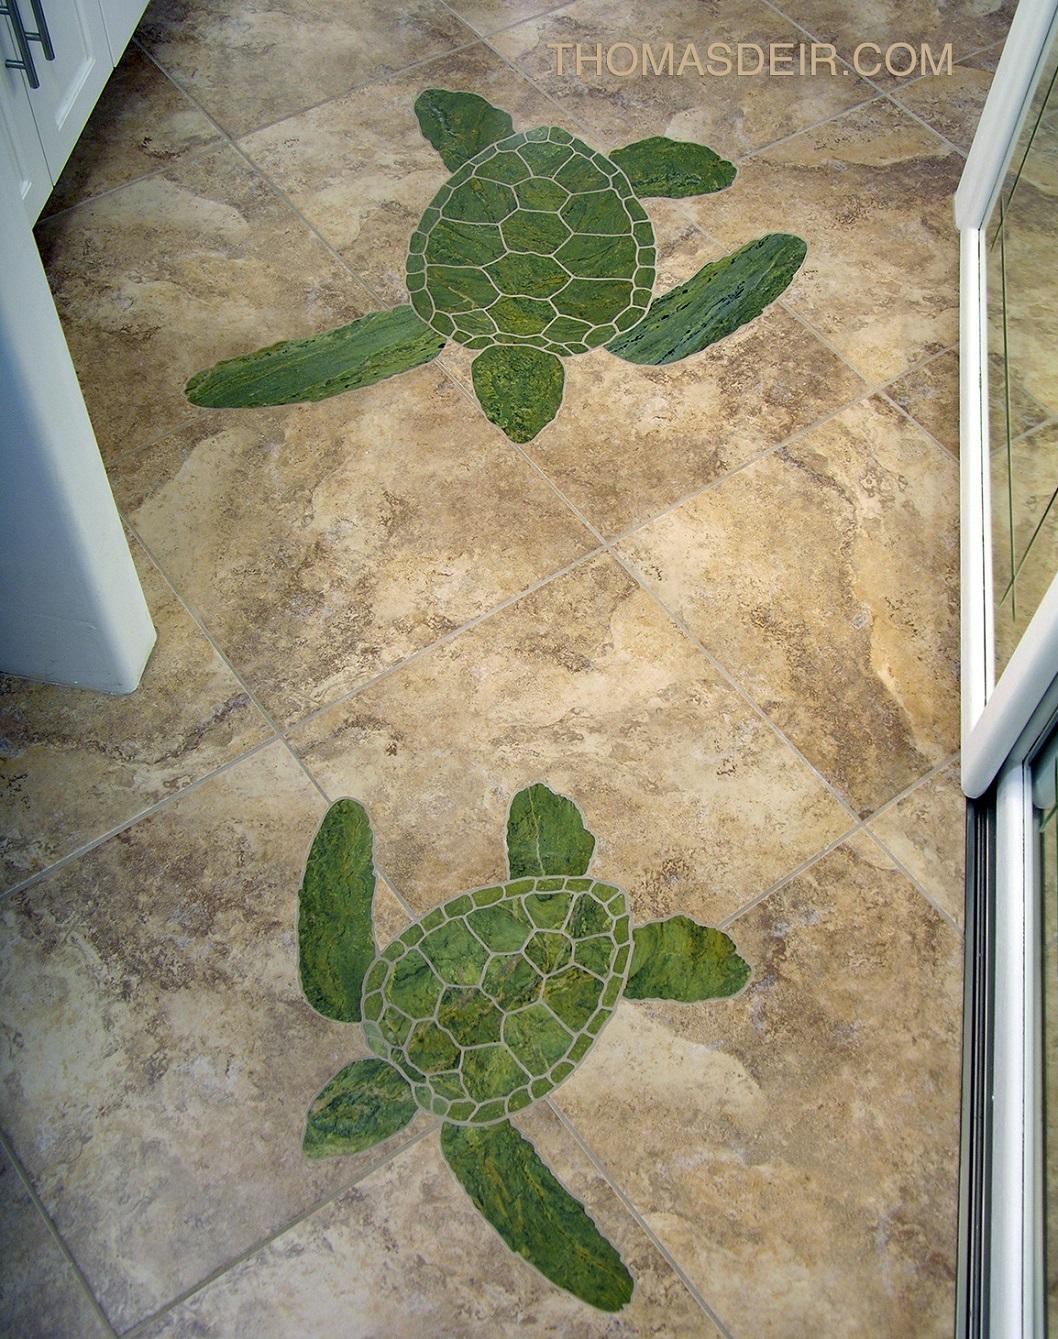 mosaic bathroom floor mural with sea turtles